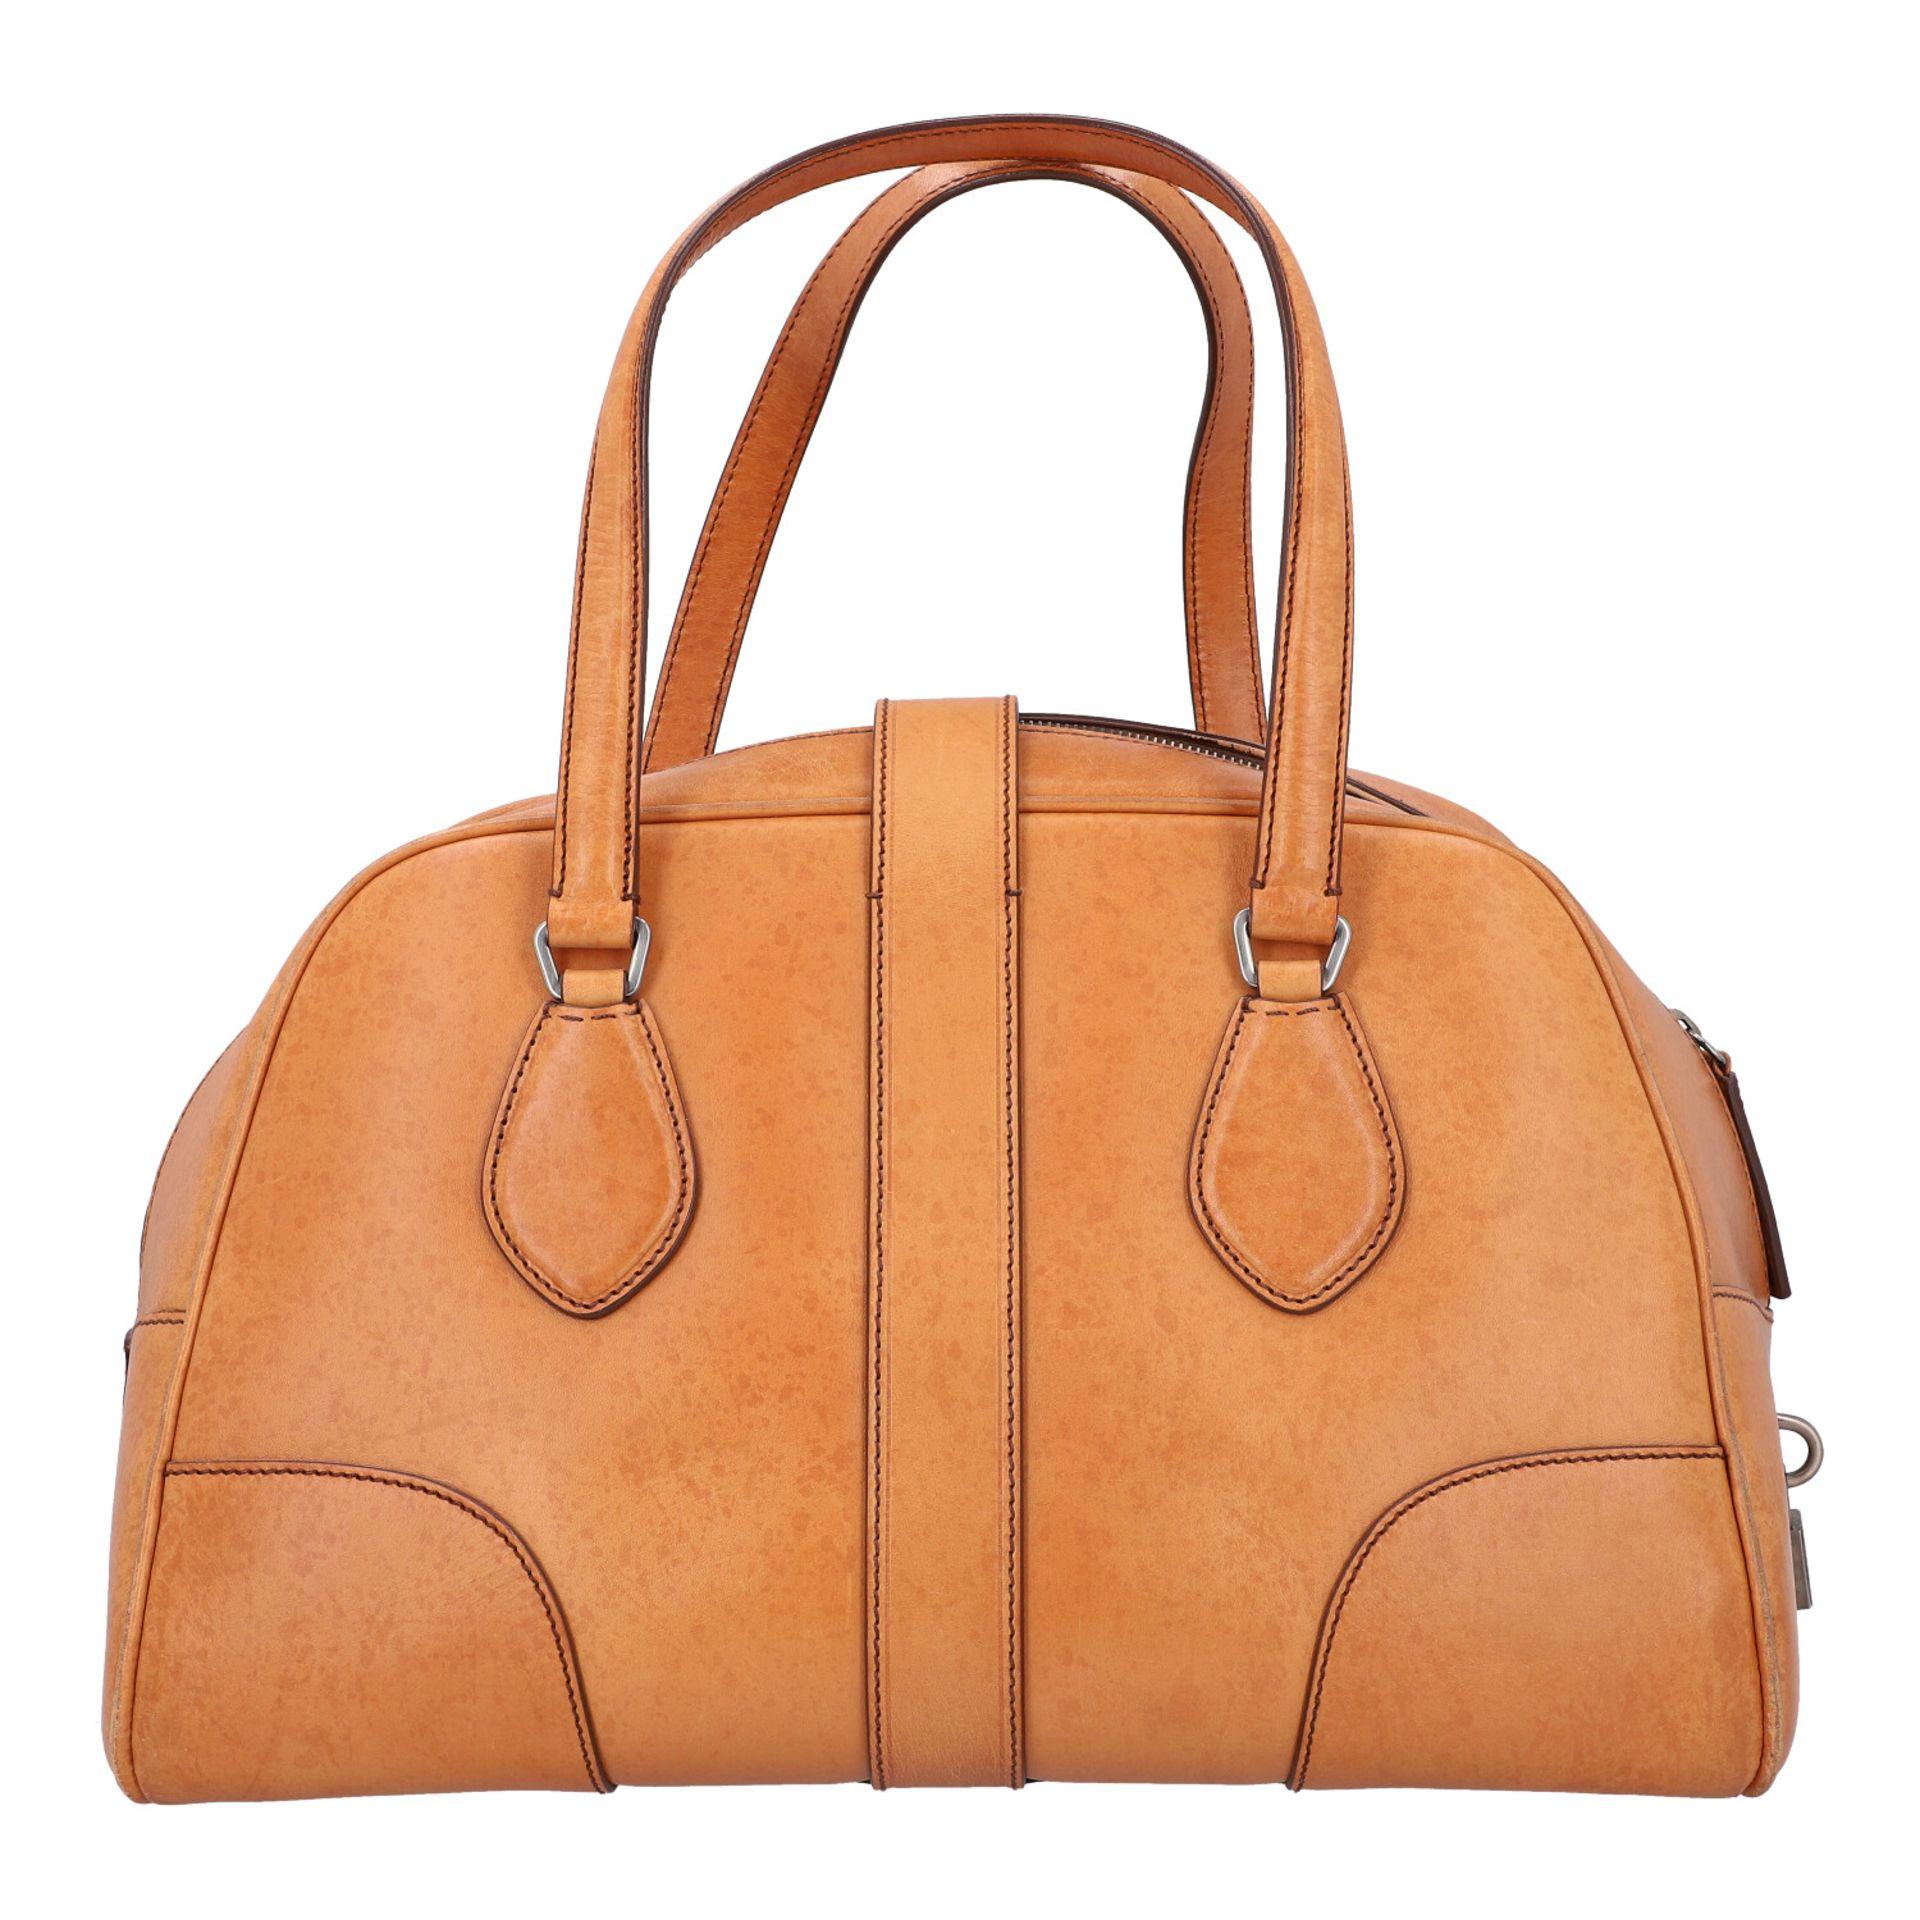 PRADA Handtasche. Glattleder in Beige mit silberfarbener Hardware, stabiles Modell mit - Image 4 of 8